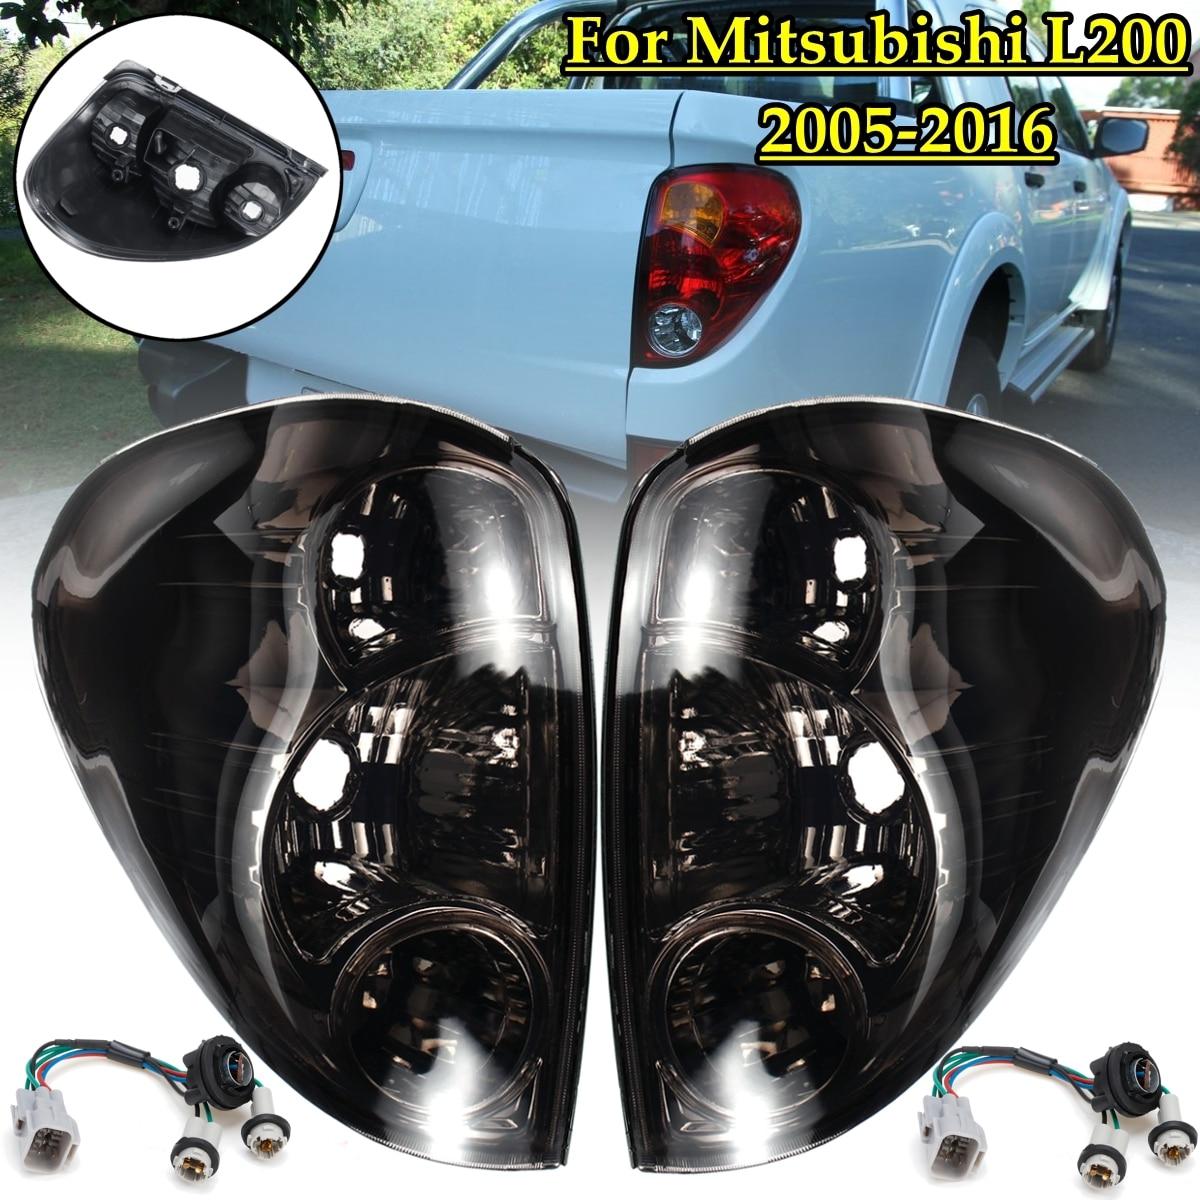 Автомобильные задние фонари для Mitsubishi L200 Triton Colt 2005-2016 Пикап 1 пара задние лампы стоп-сигналы с проводом Замена дыма